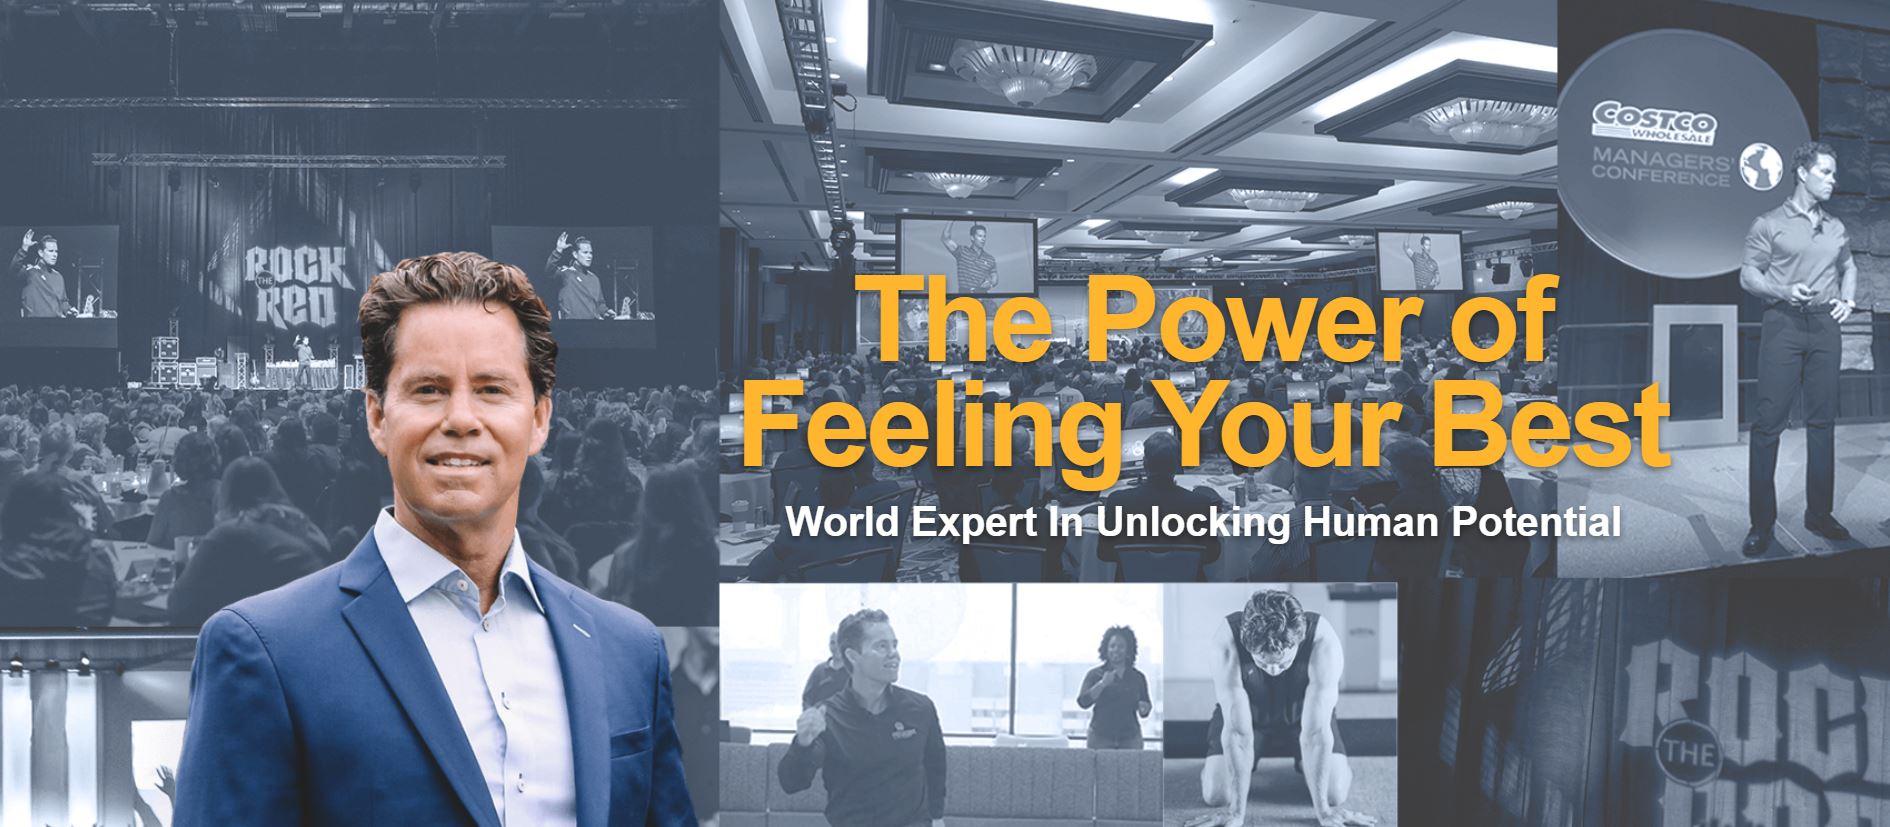 Chris Johnson - The power of feeling your best